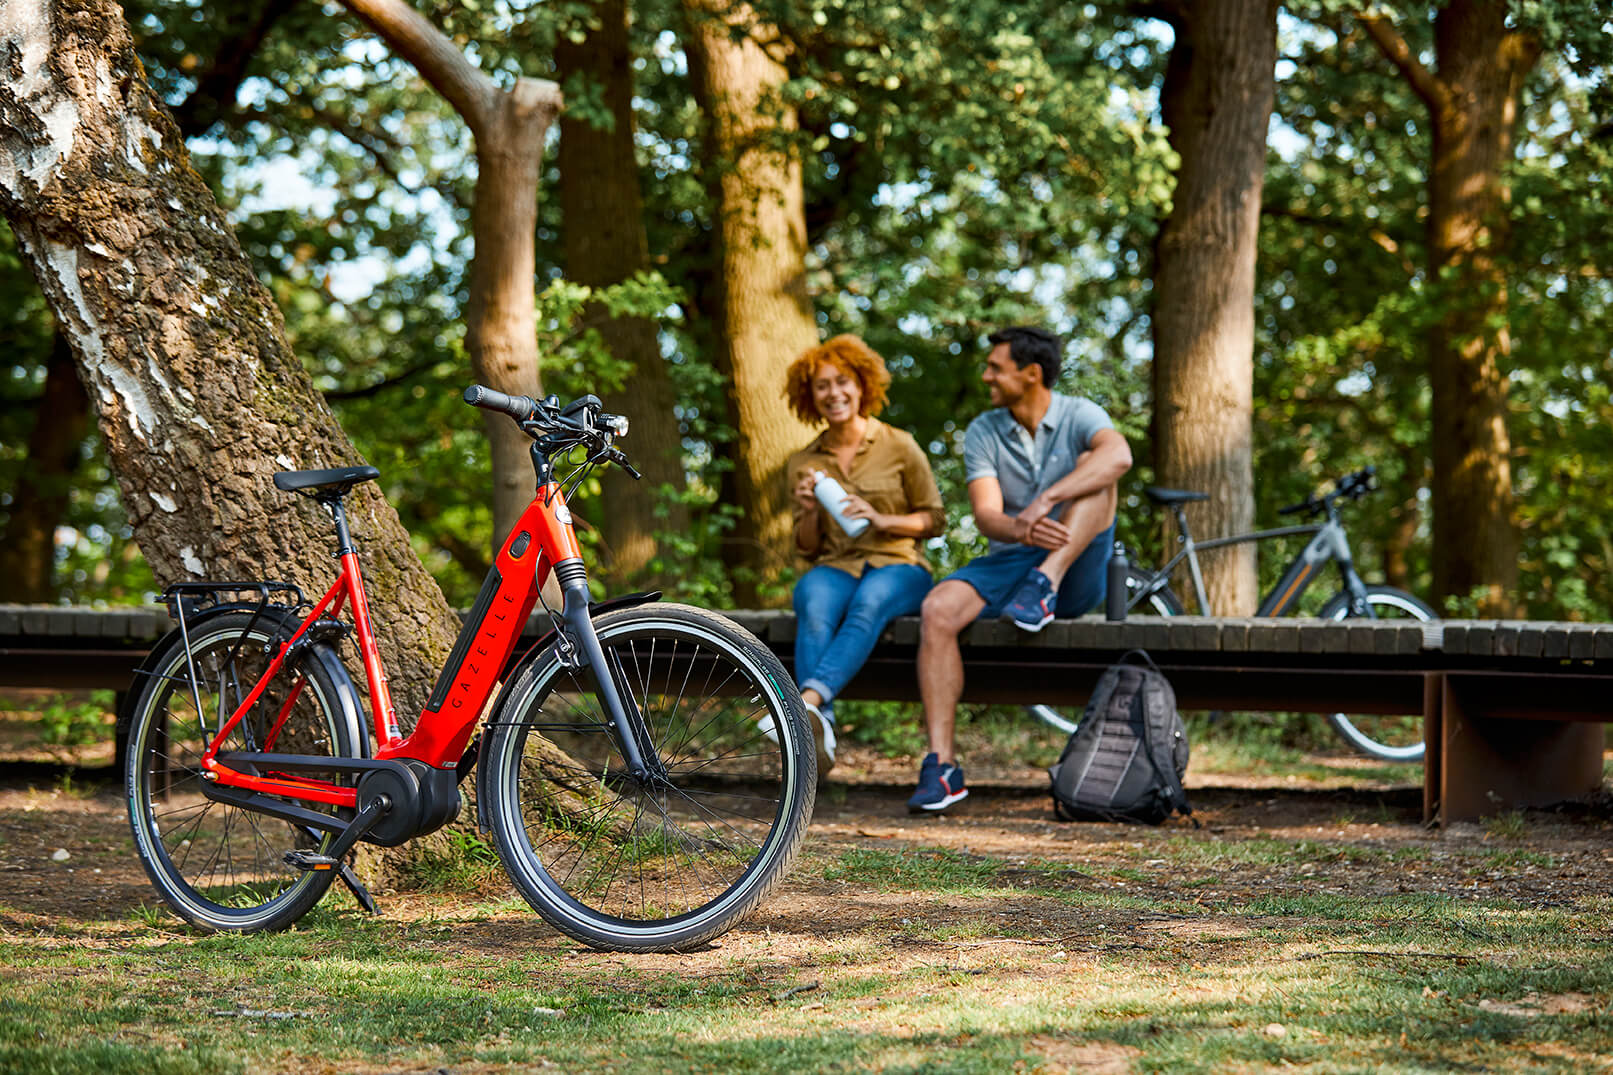 Mand og kvinde med rød cykel i forgrunden